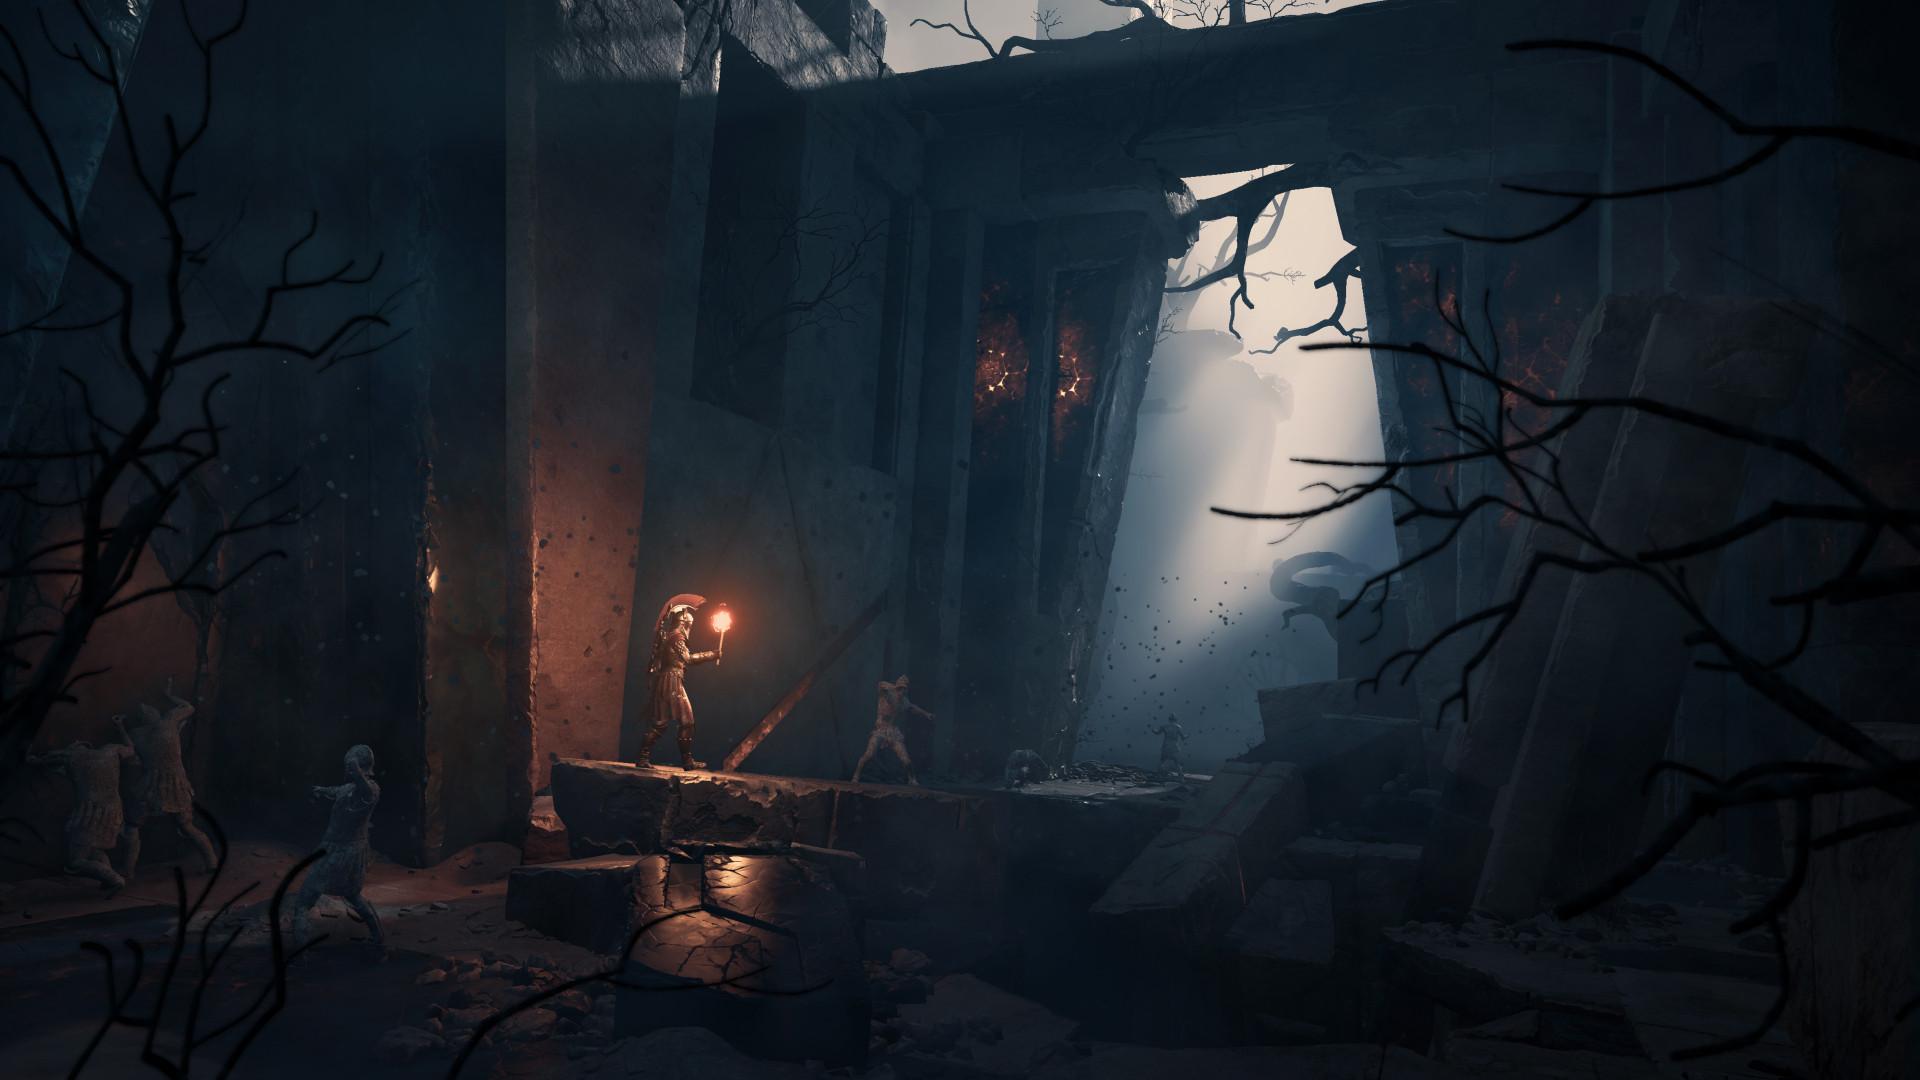 Assassin's Creed Odyssey получила очень высокие оценки от критиков — плюсы и минусы игры